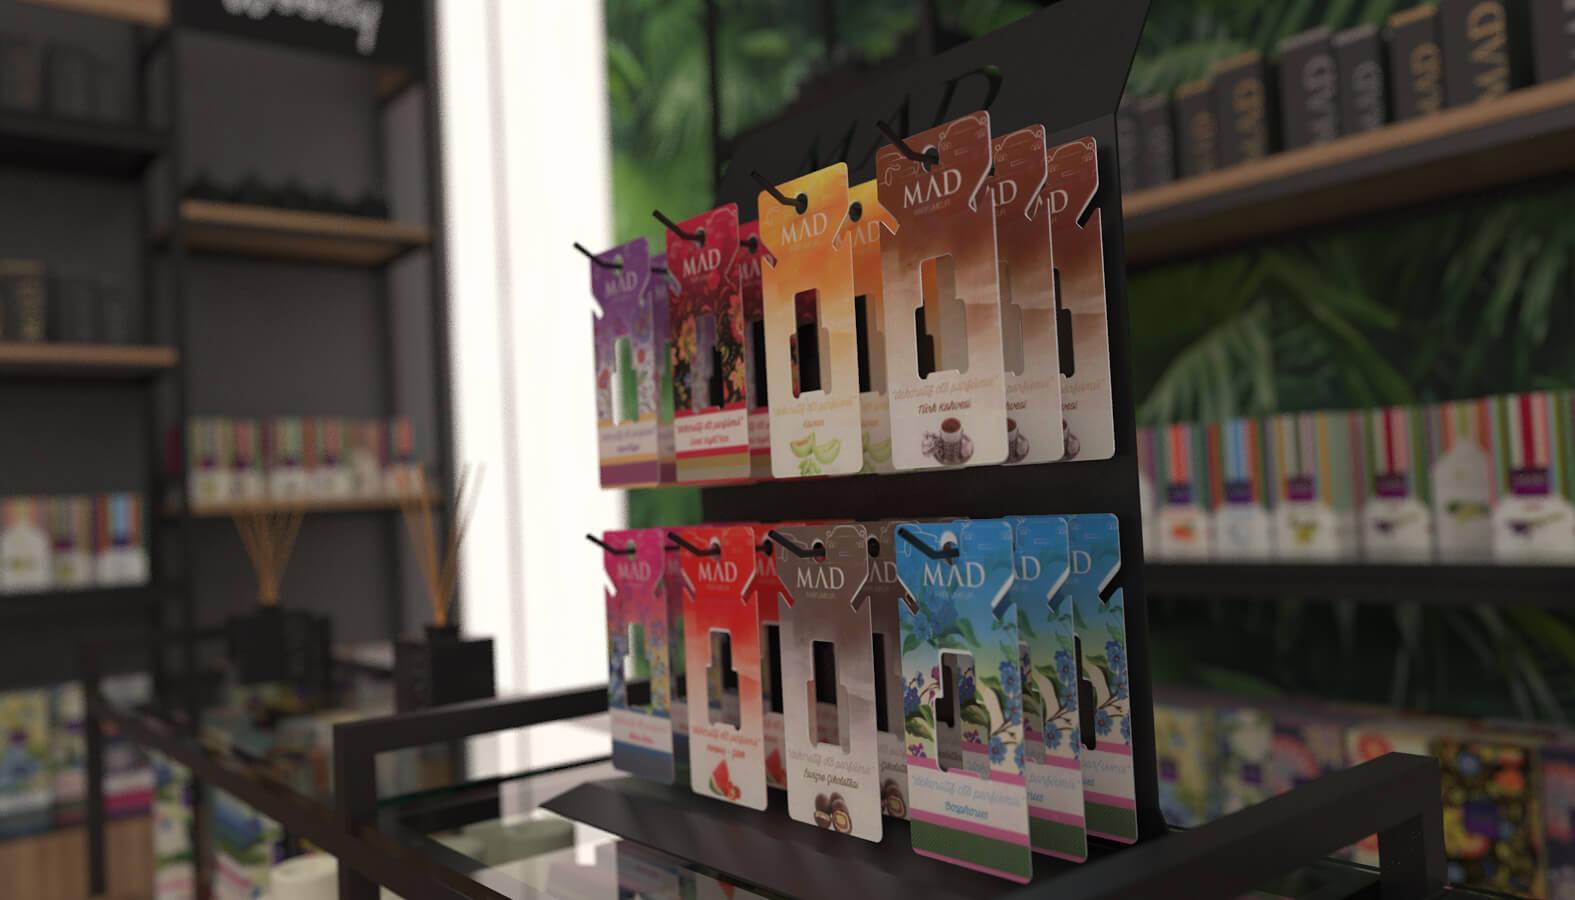 3692 Mad Parfumer Store Retail